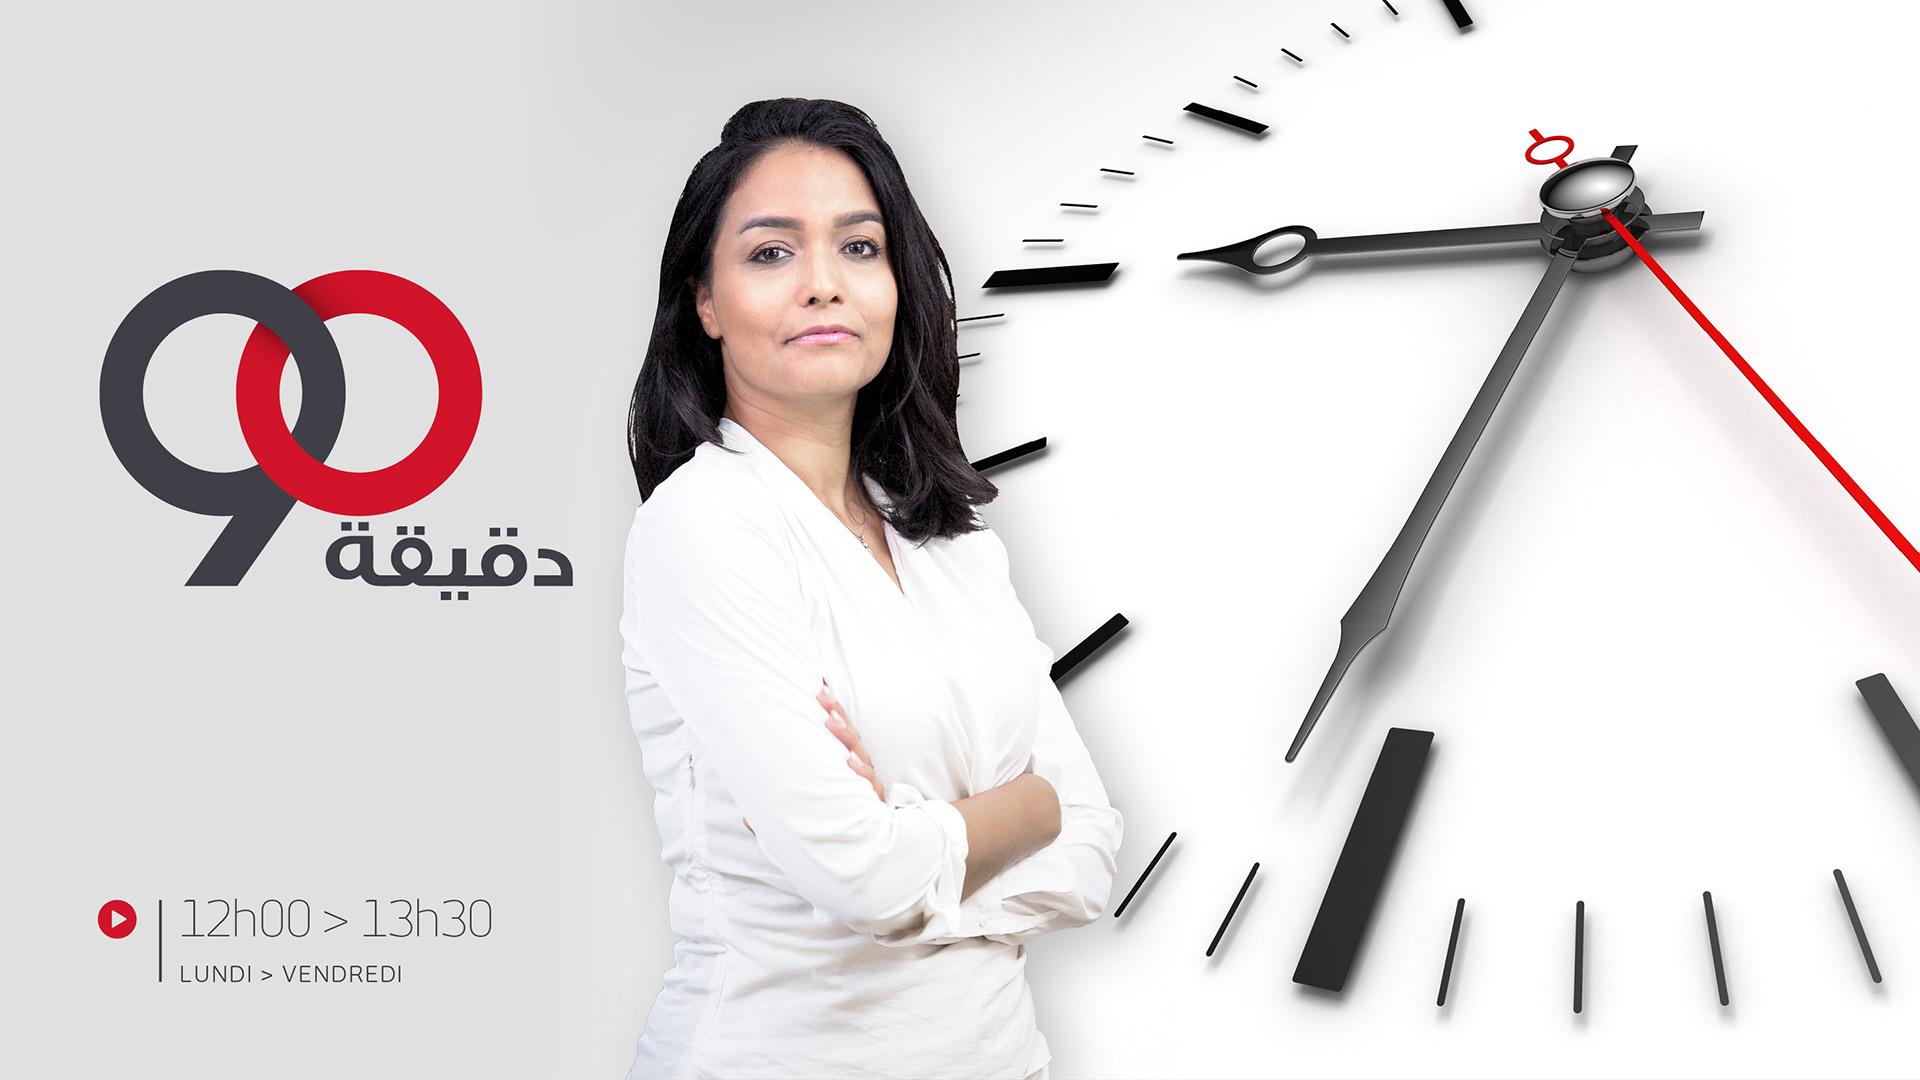 90 دقيقة 90 دقيقة الجمعة 29 ماي 2020 ضيوفنا ليوم حبيب غديرة و طارق الفتيتي